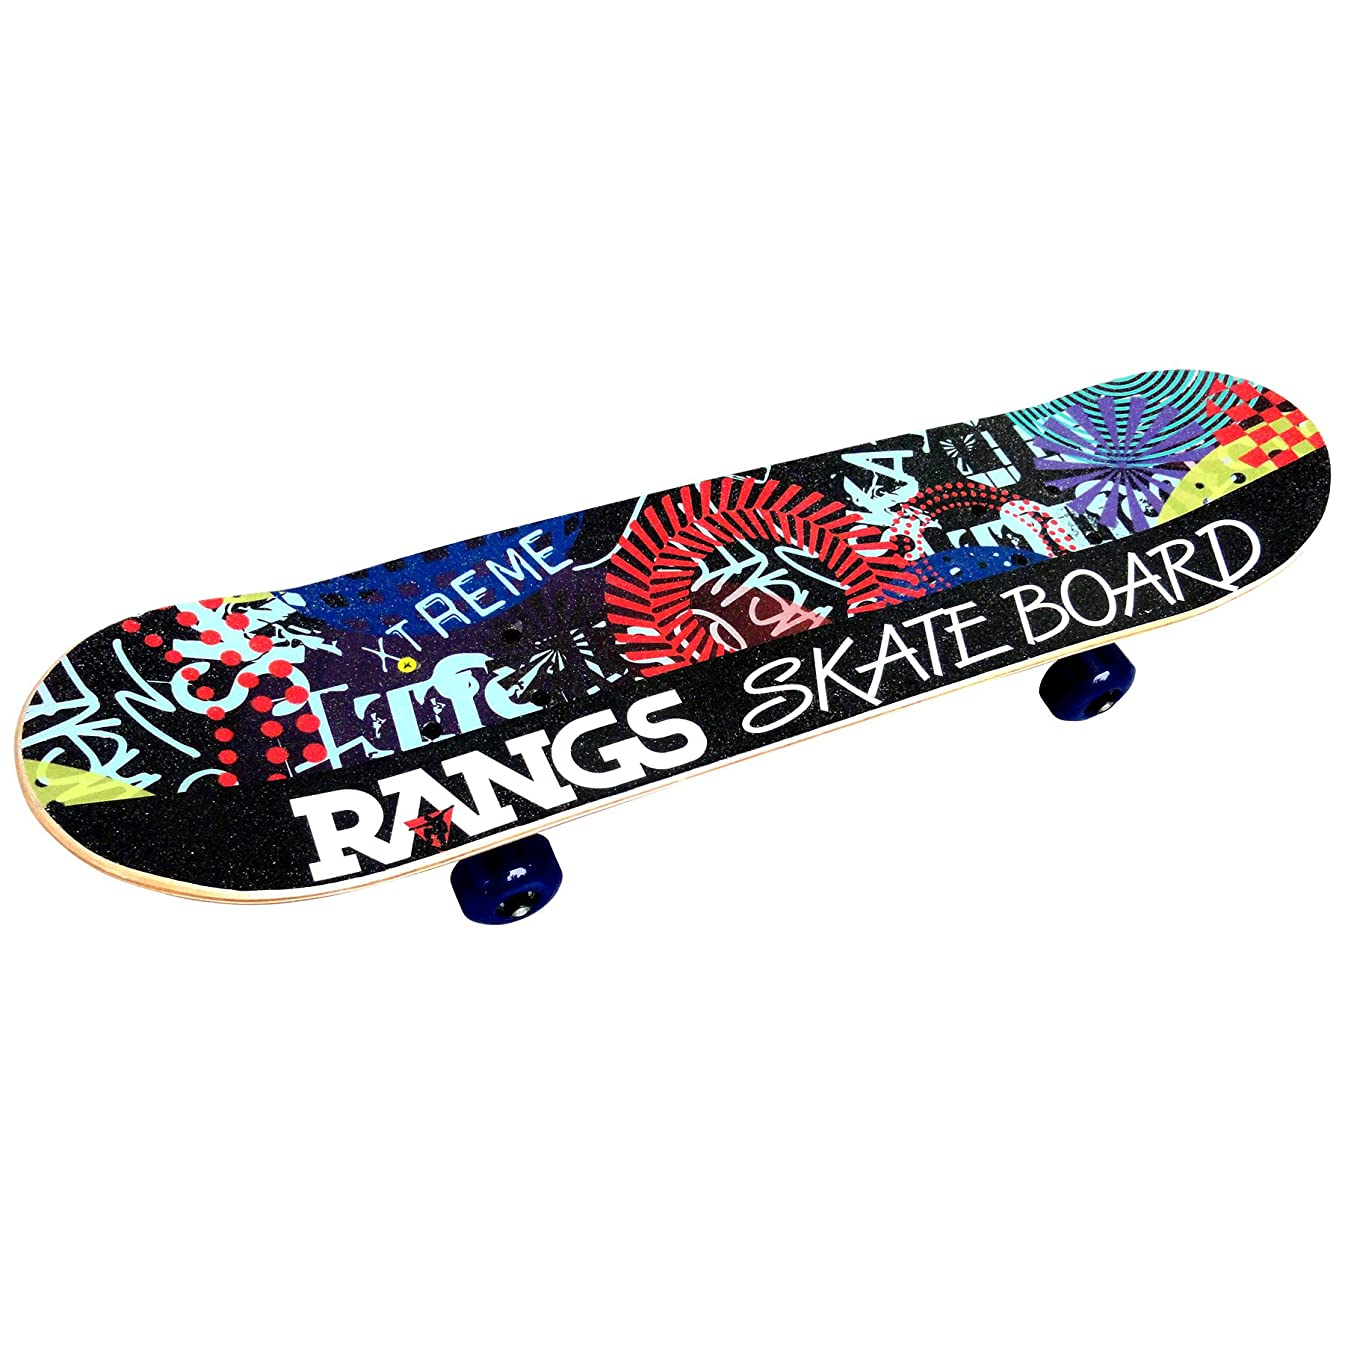 またはどちらかケージすりエスボード キッズ ミニモデル 子供用 スケートボード (スキューバブルー/アクアマリン)